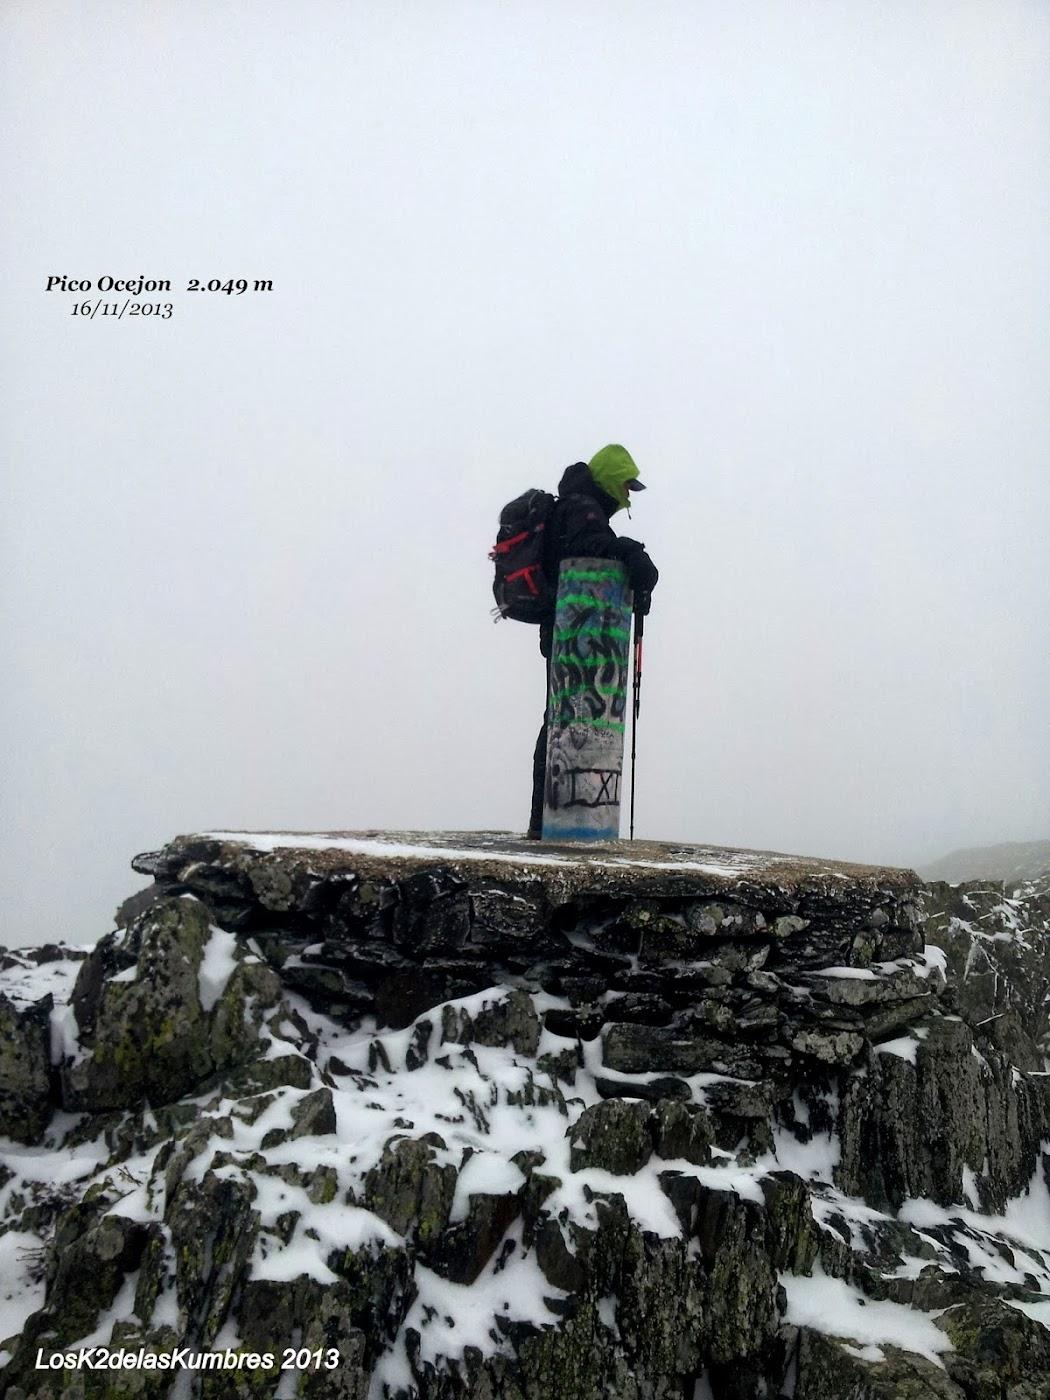 Pico Ocejon